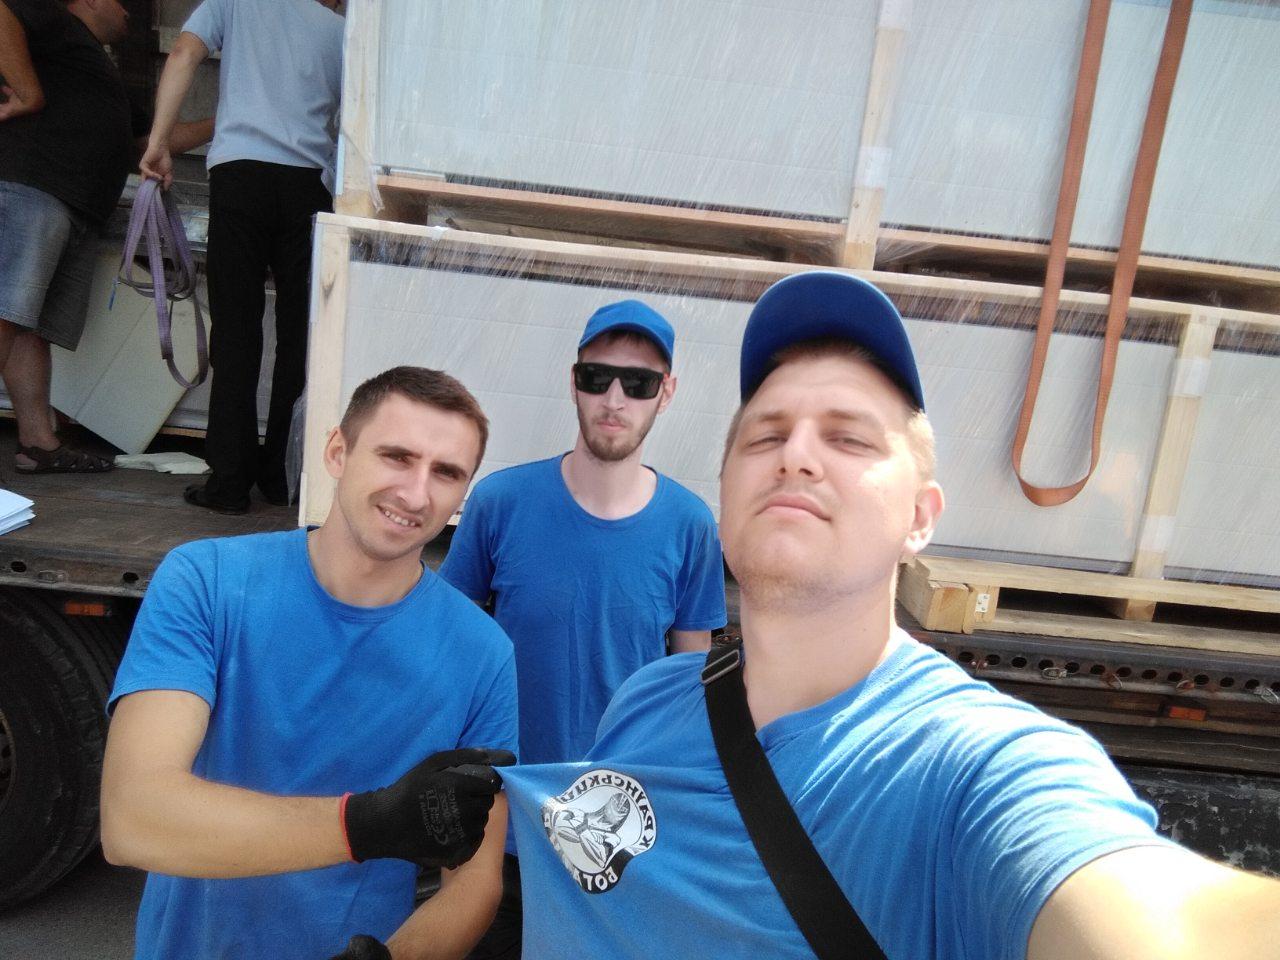 демонтаж и вывоз мебели - Украинский Богатырь